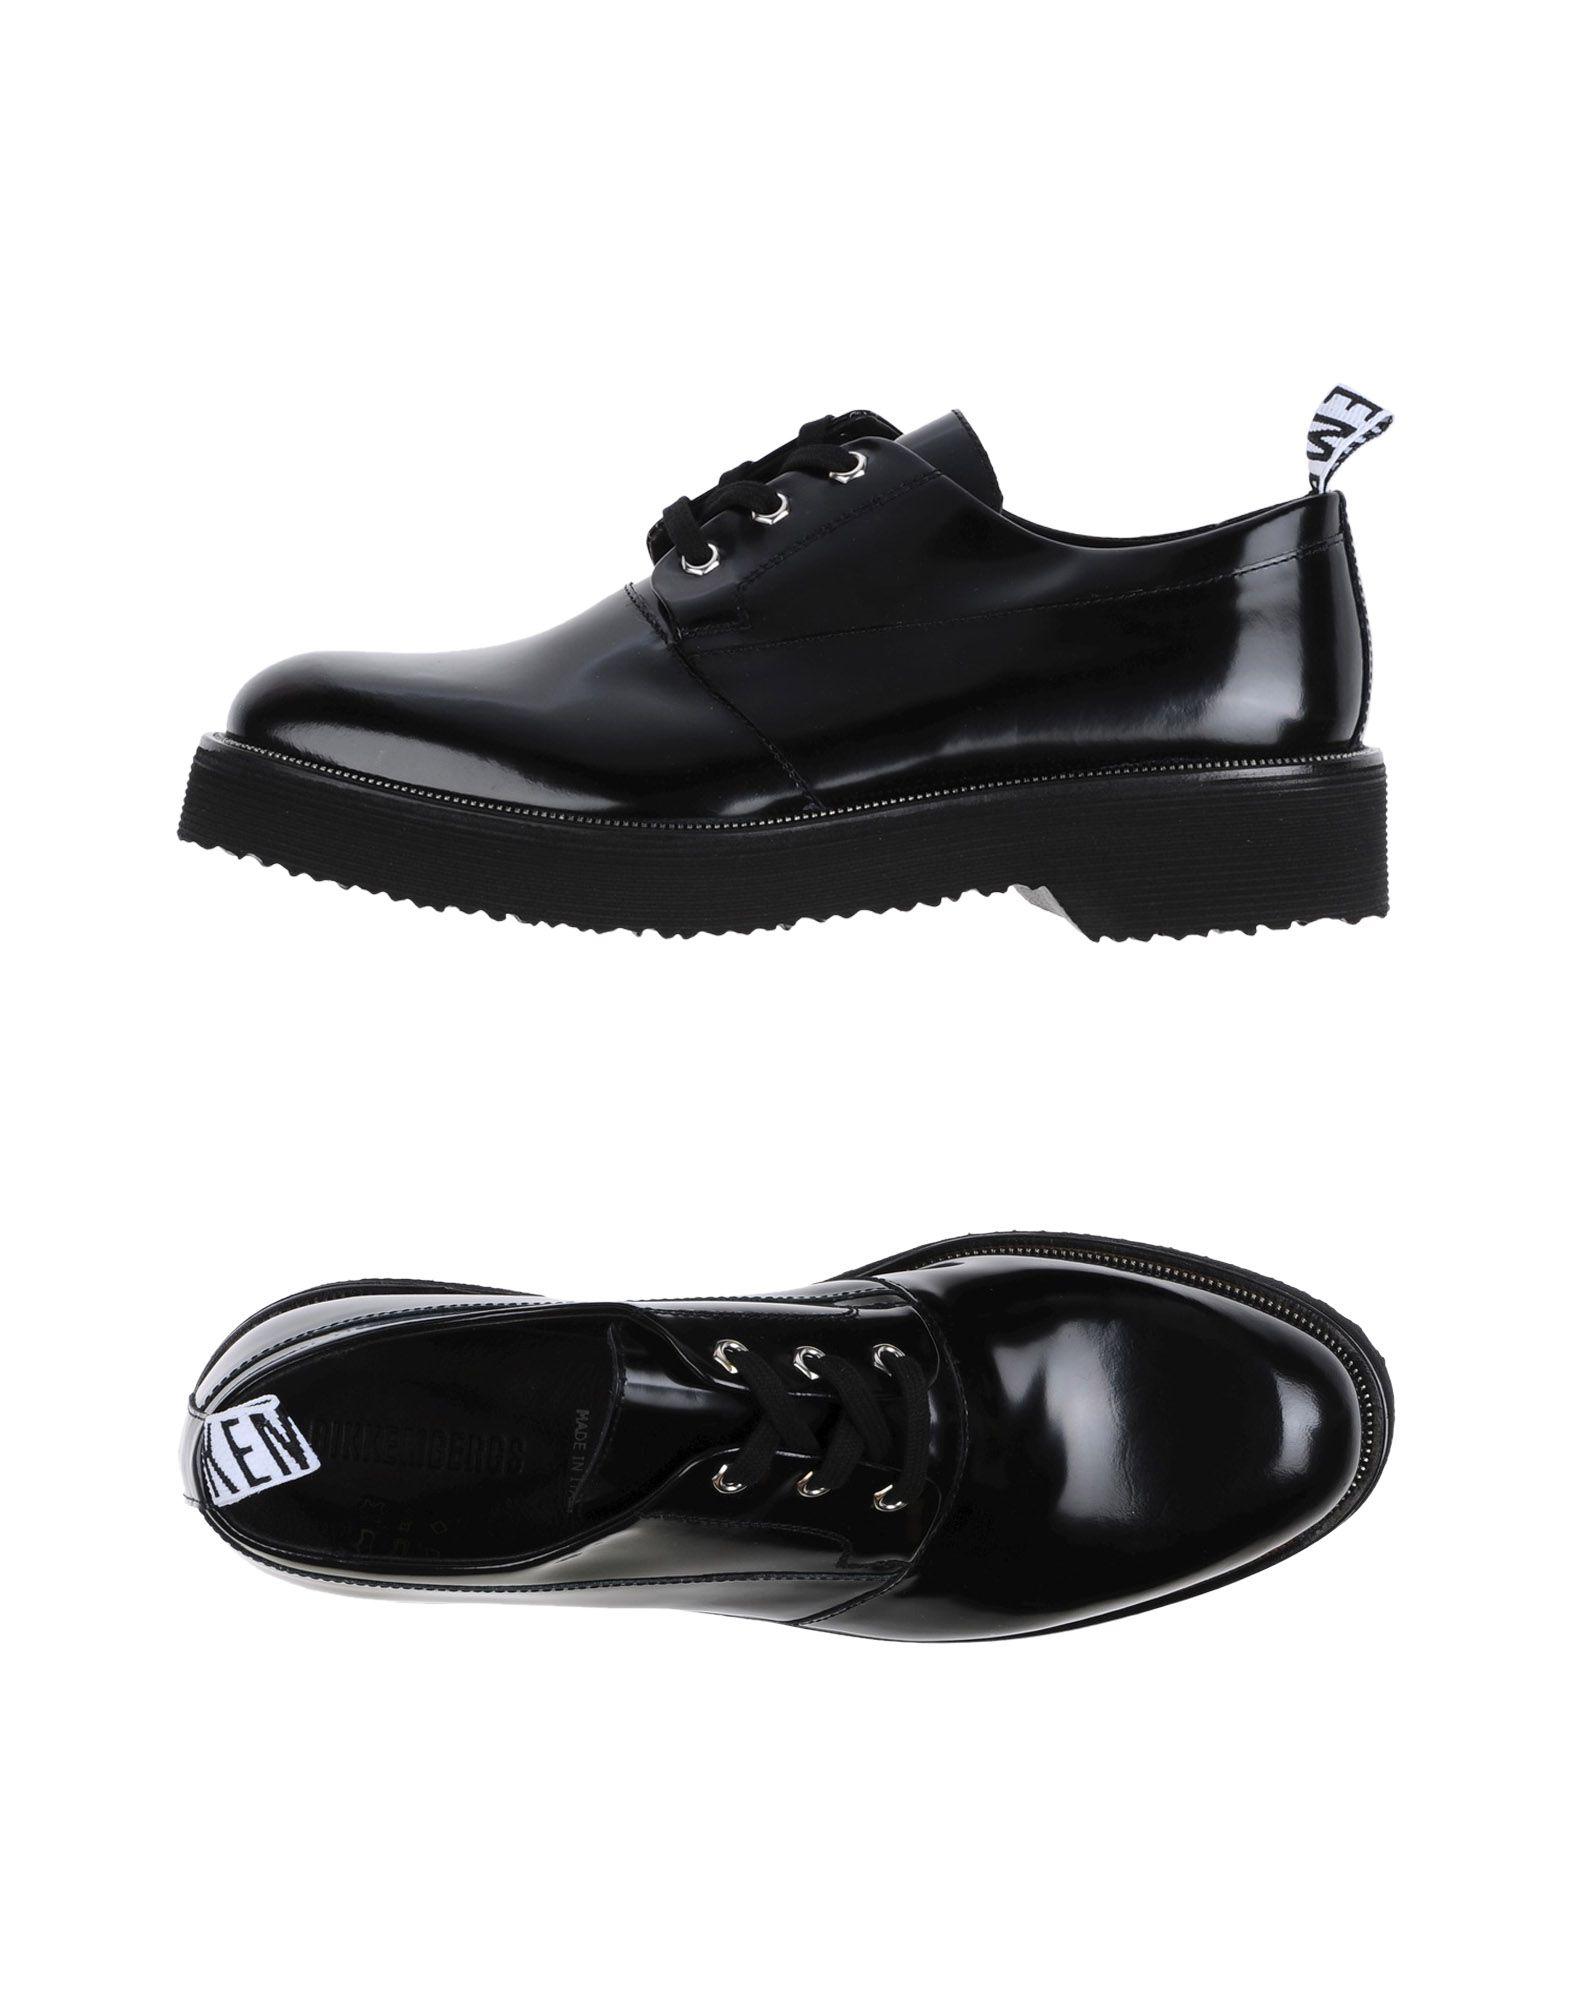 Stilvolle Damen billige Schuhe Bikkembergs Schnürschuhe Damen Stilvolle  11284576CQ e220e1